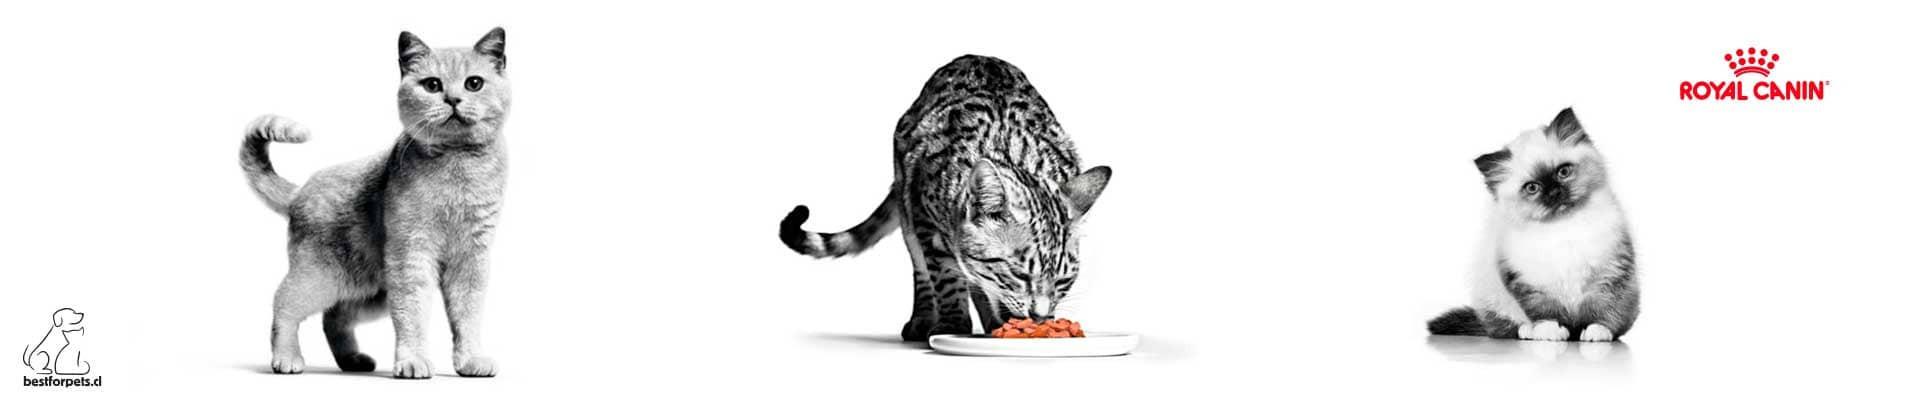 Alimento Royal Canin para gatos